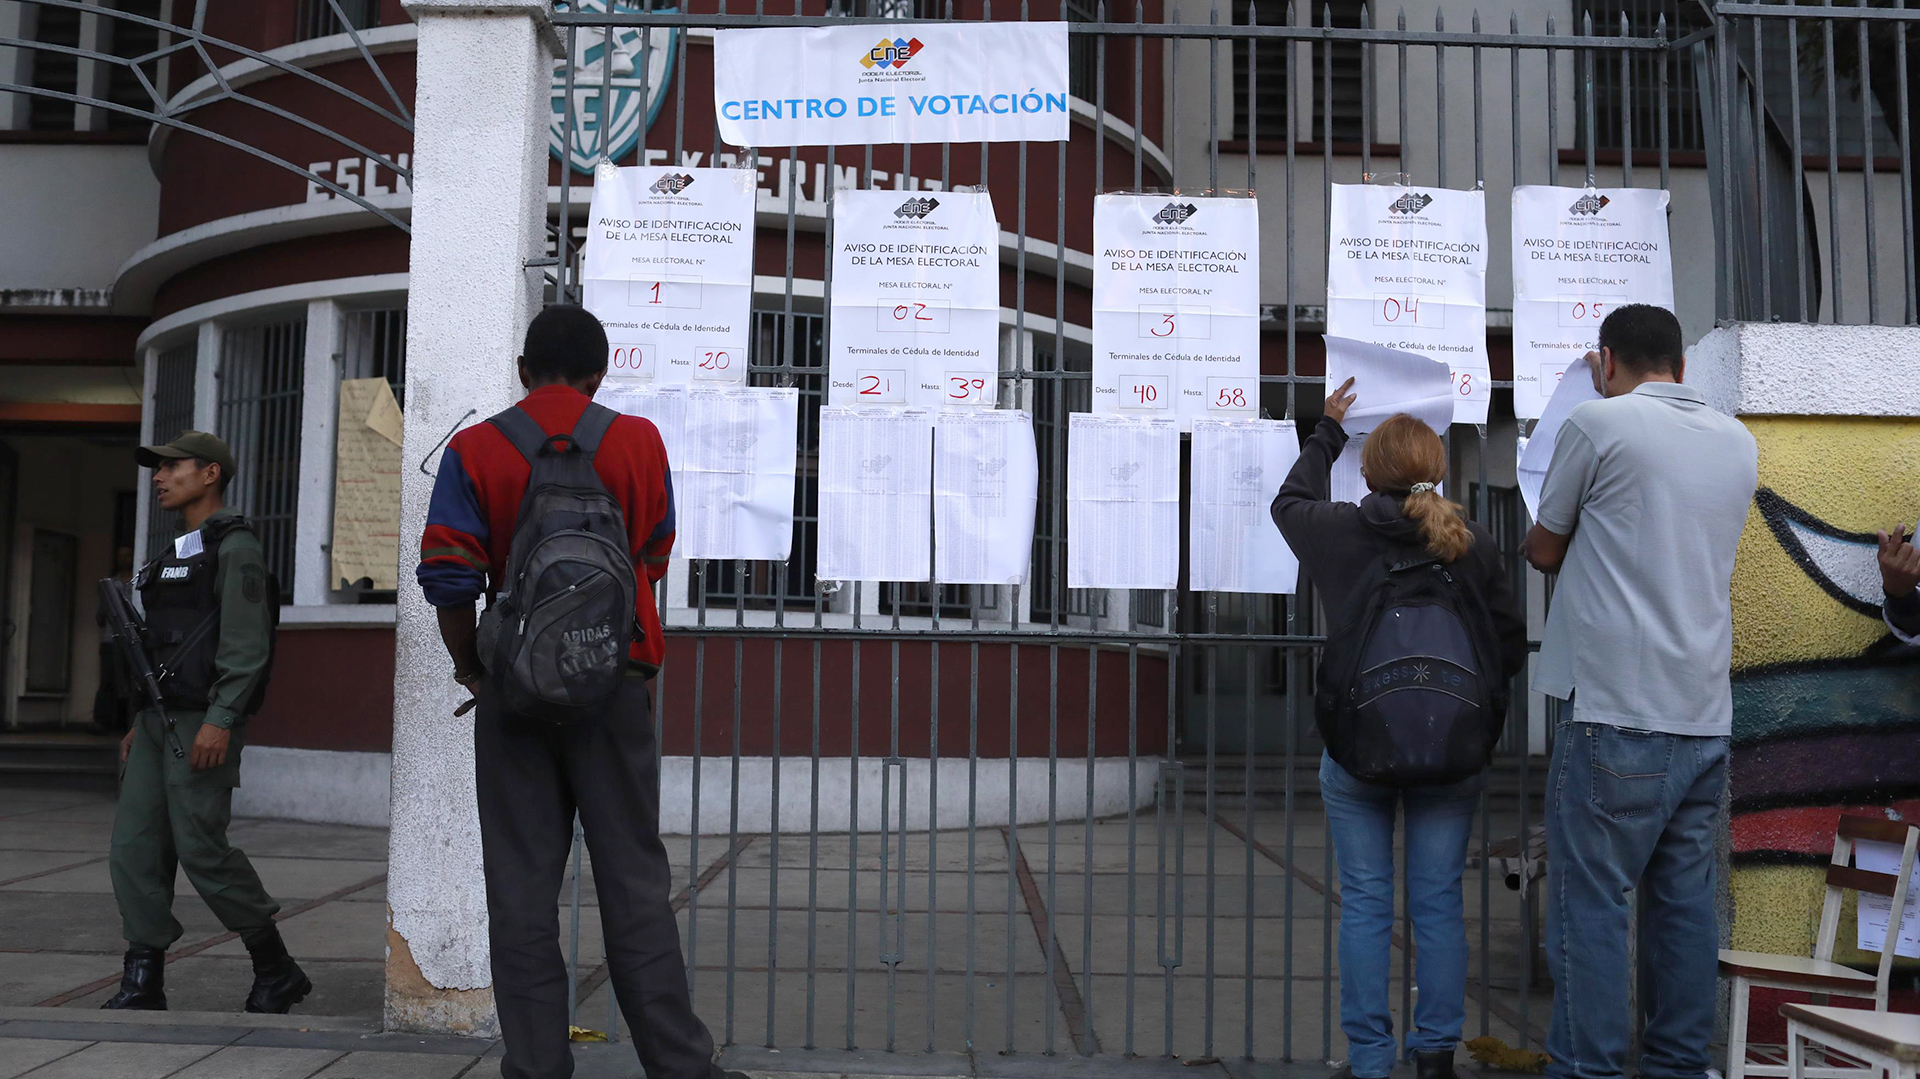 Tres personas revisan las listas antes de votar (Reuters)